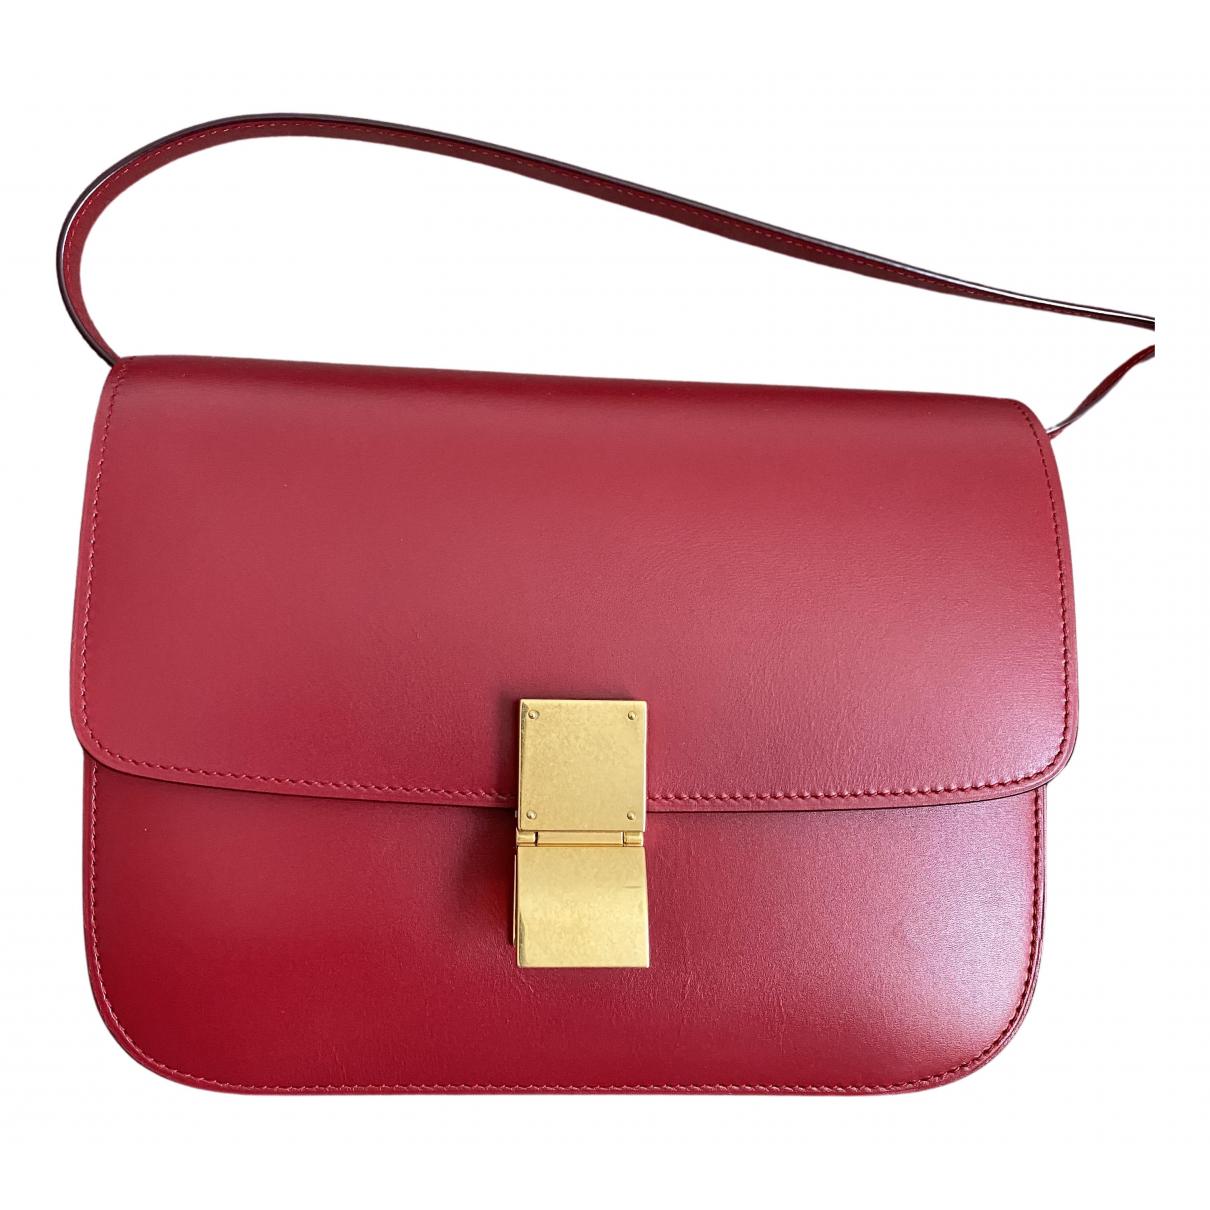 Celine - Sac a main Classic pour femme en cuir - rouge